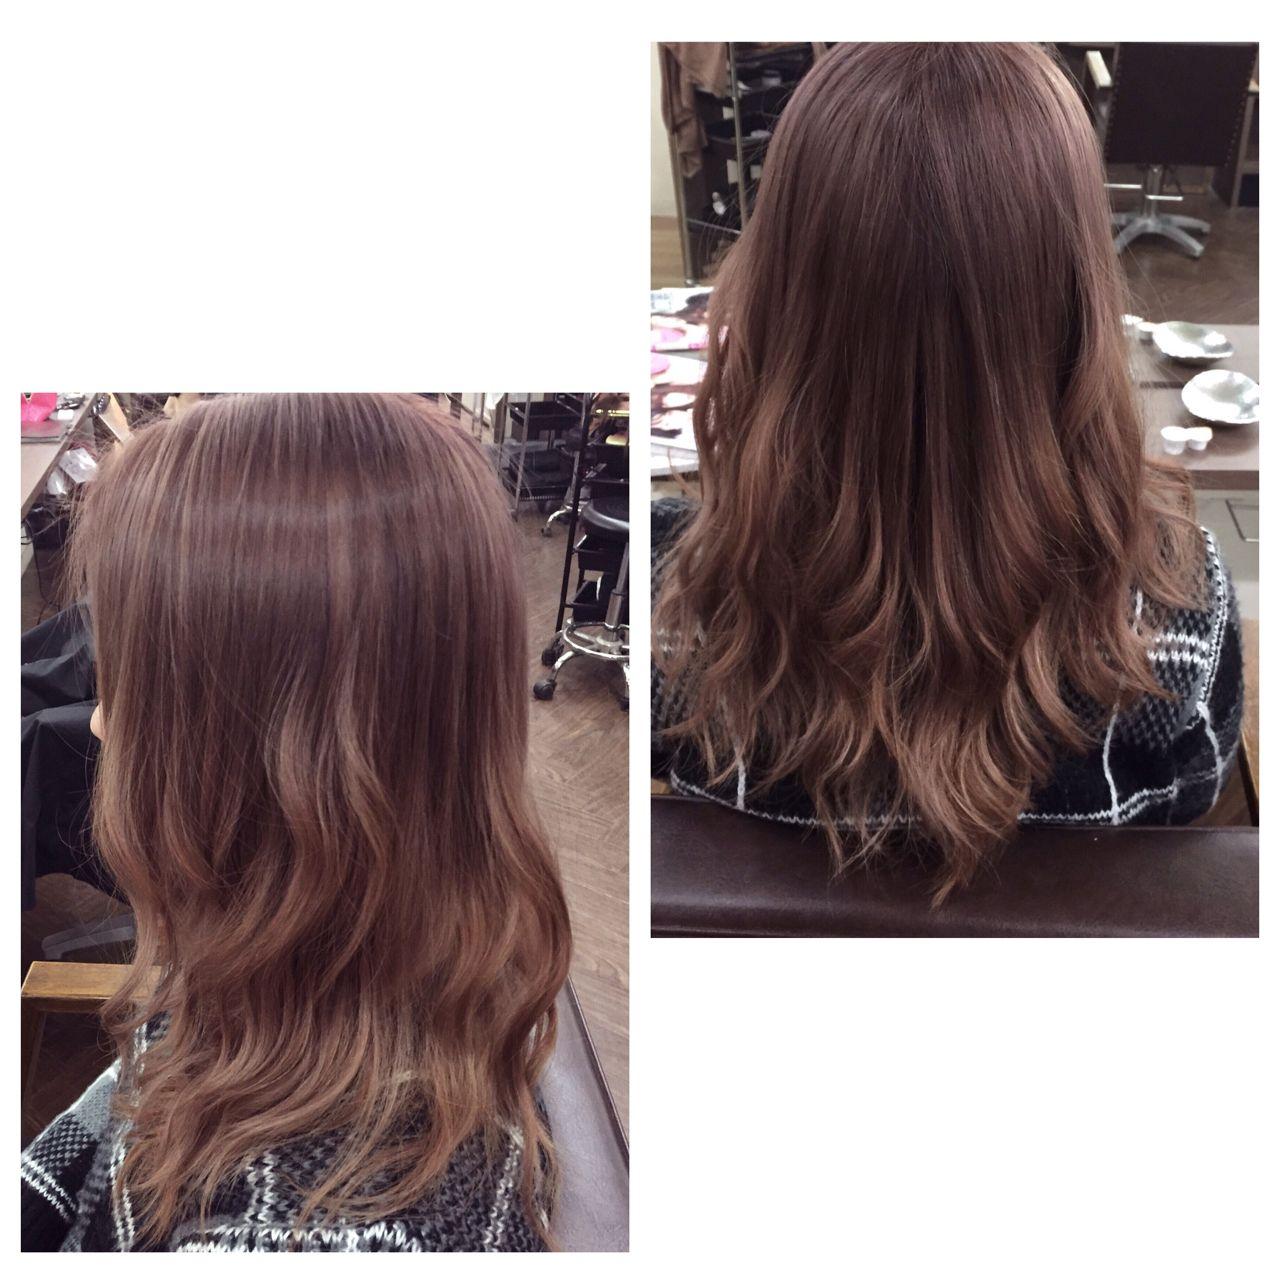 セミロング ガーリー ピンク ストリート ヘアスタイルや髪型の写真・画像